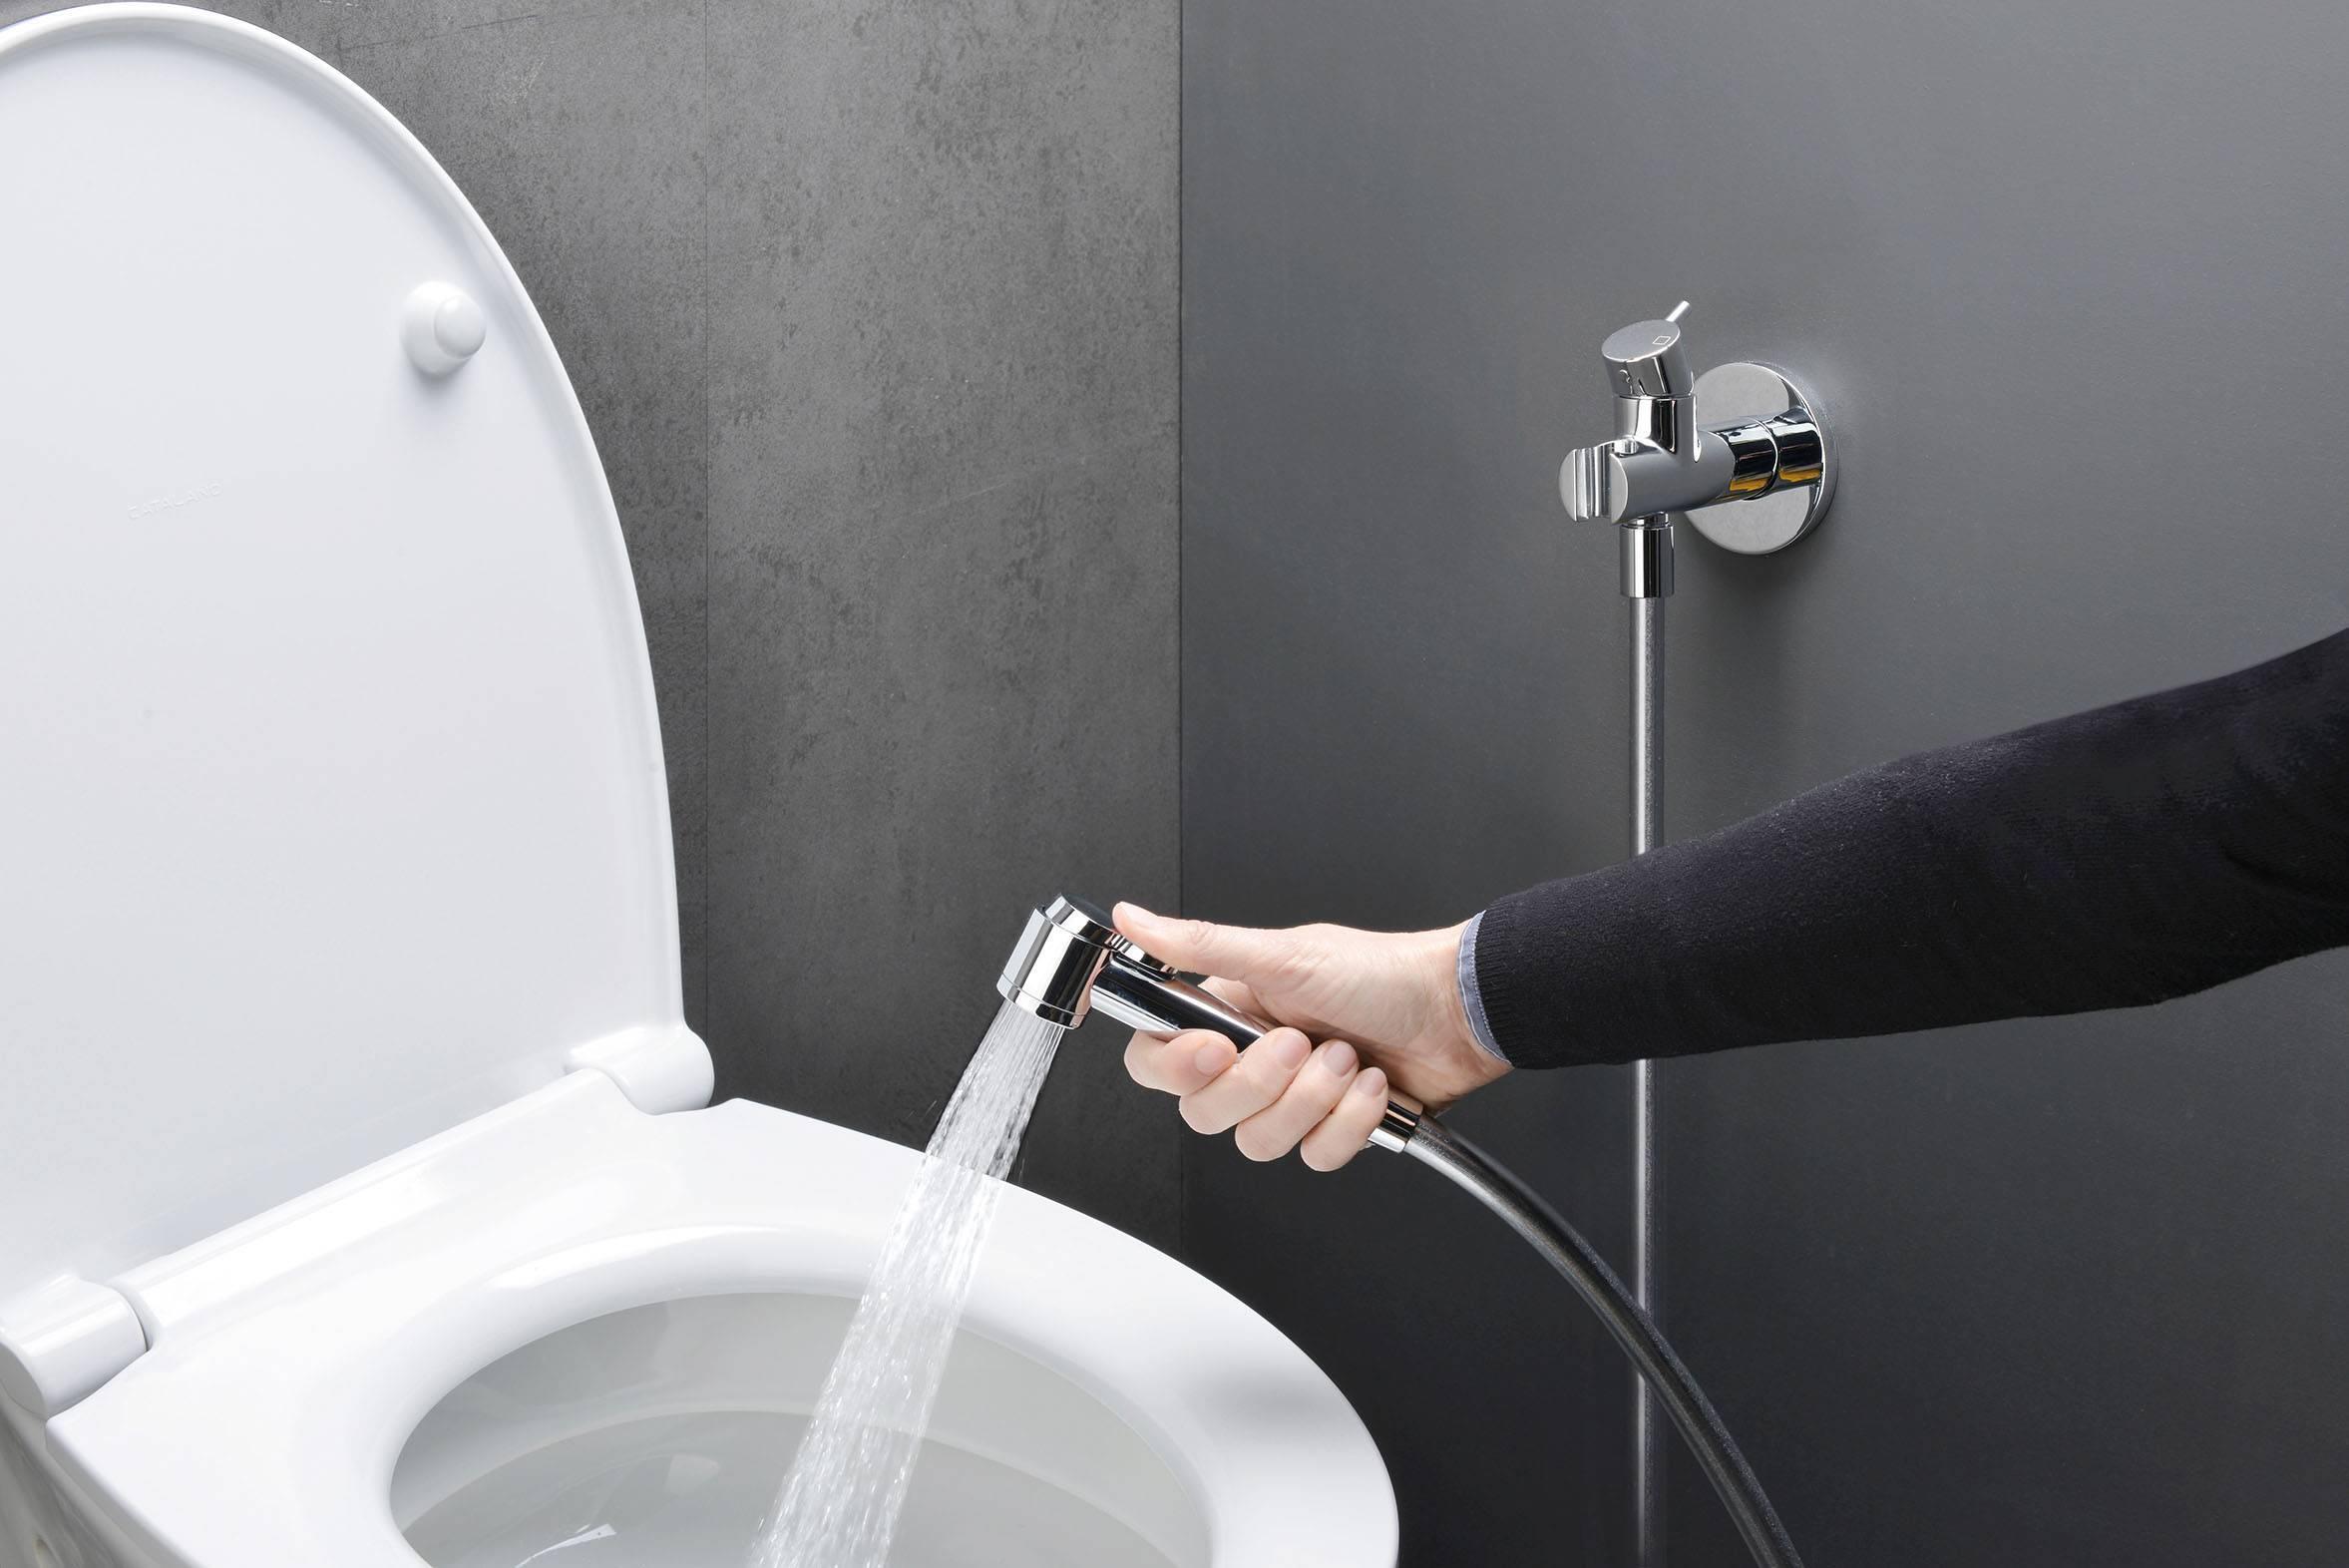 Гигиенический душ для унитаза: как выбрать и как установить своими руками